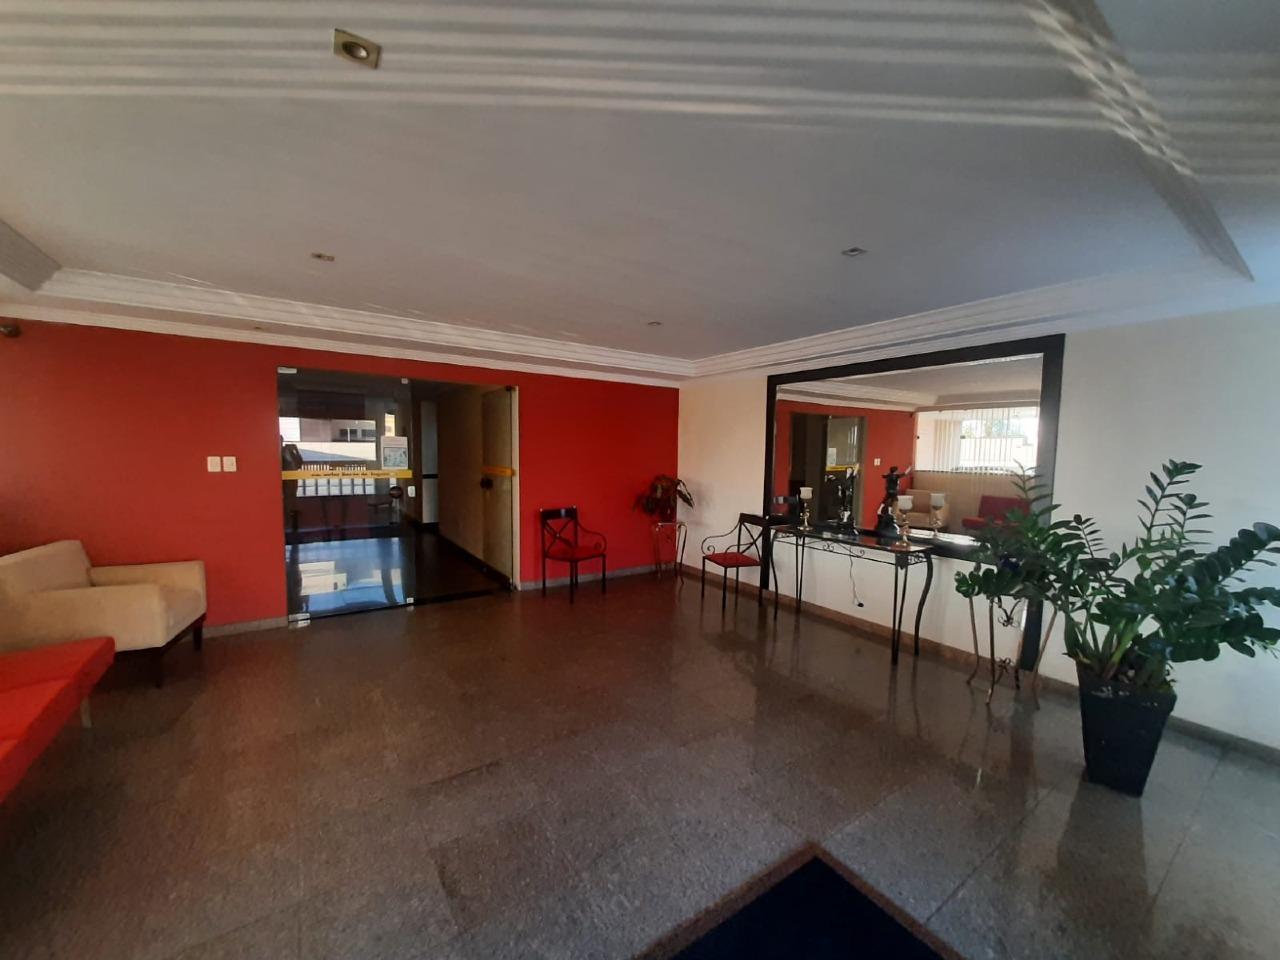 Apartamento para comprar, 3 quartos, 1 vaga, no bairro Nova América em Piracicaba - SP